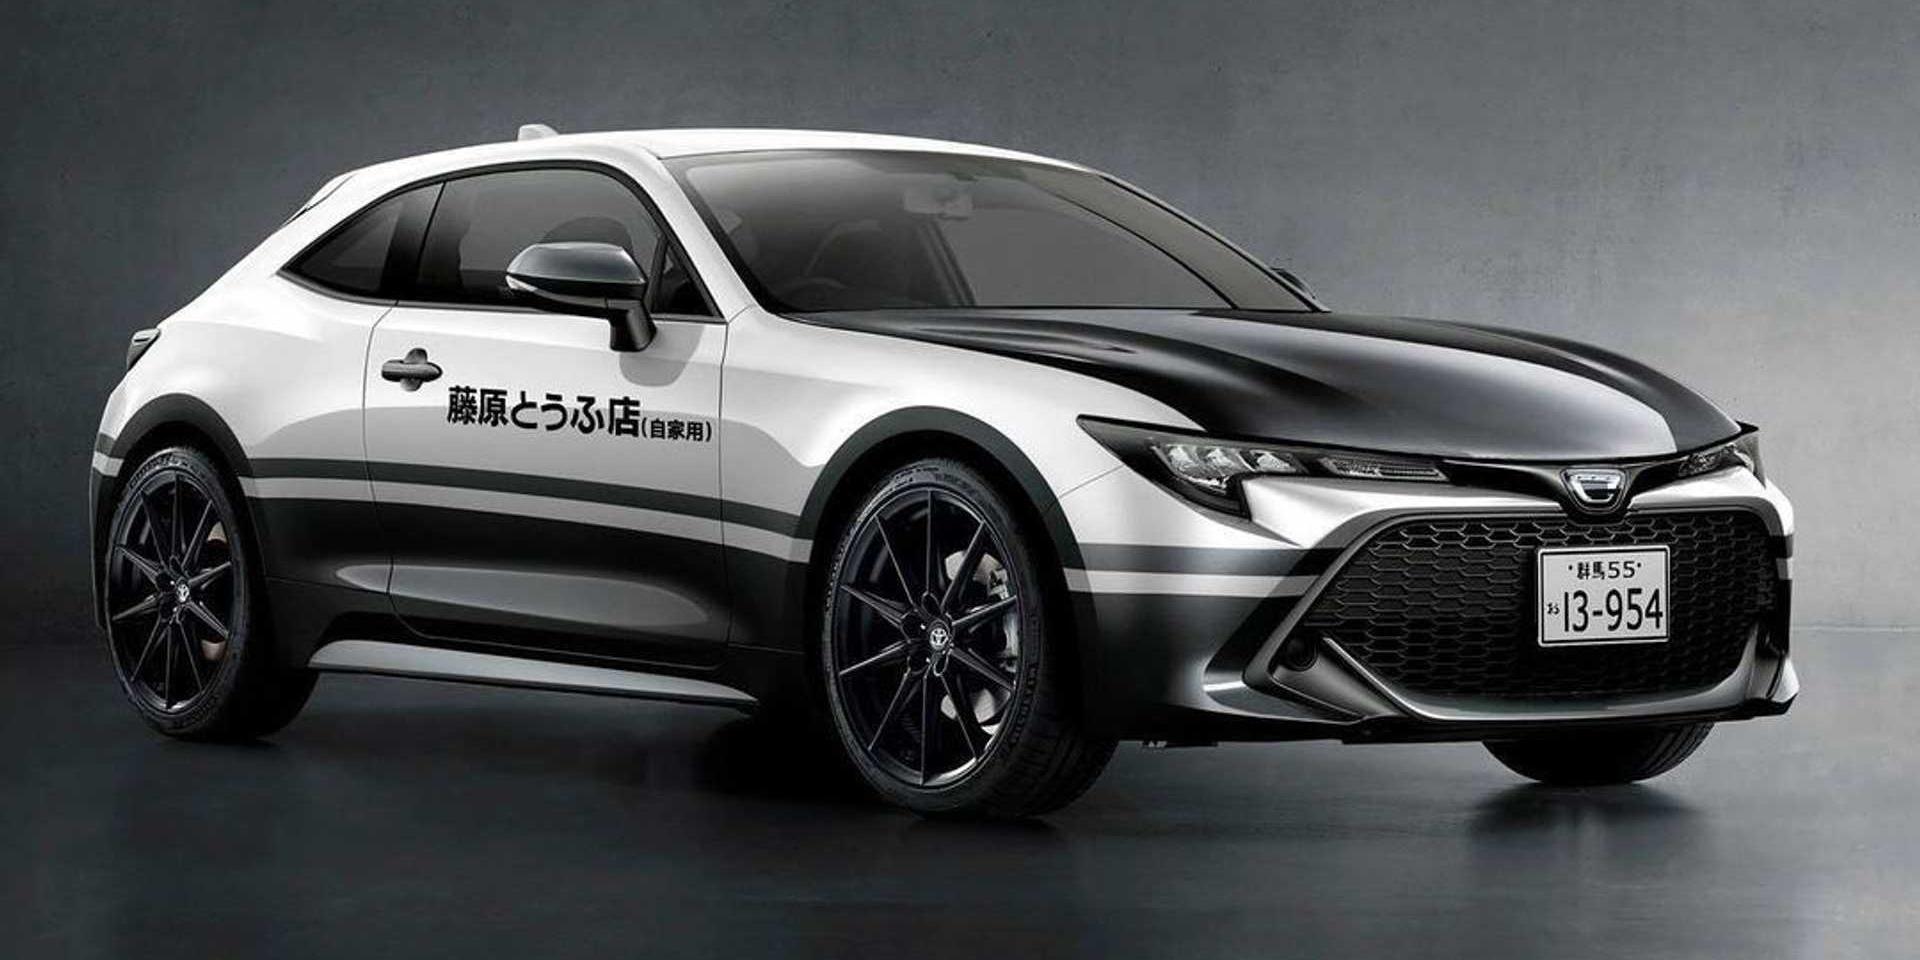 藤原拓海AE86復活了?Toyota Corolla Sport特式車款亮相!